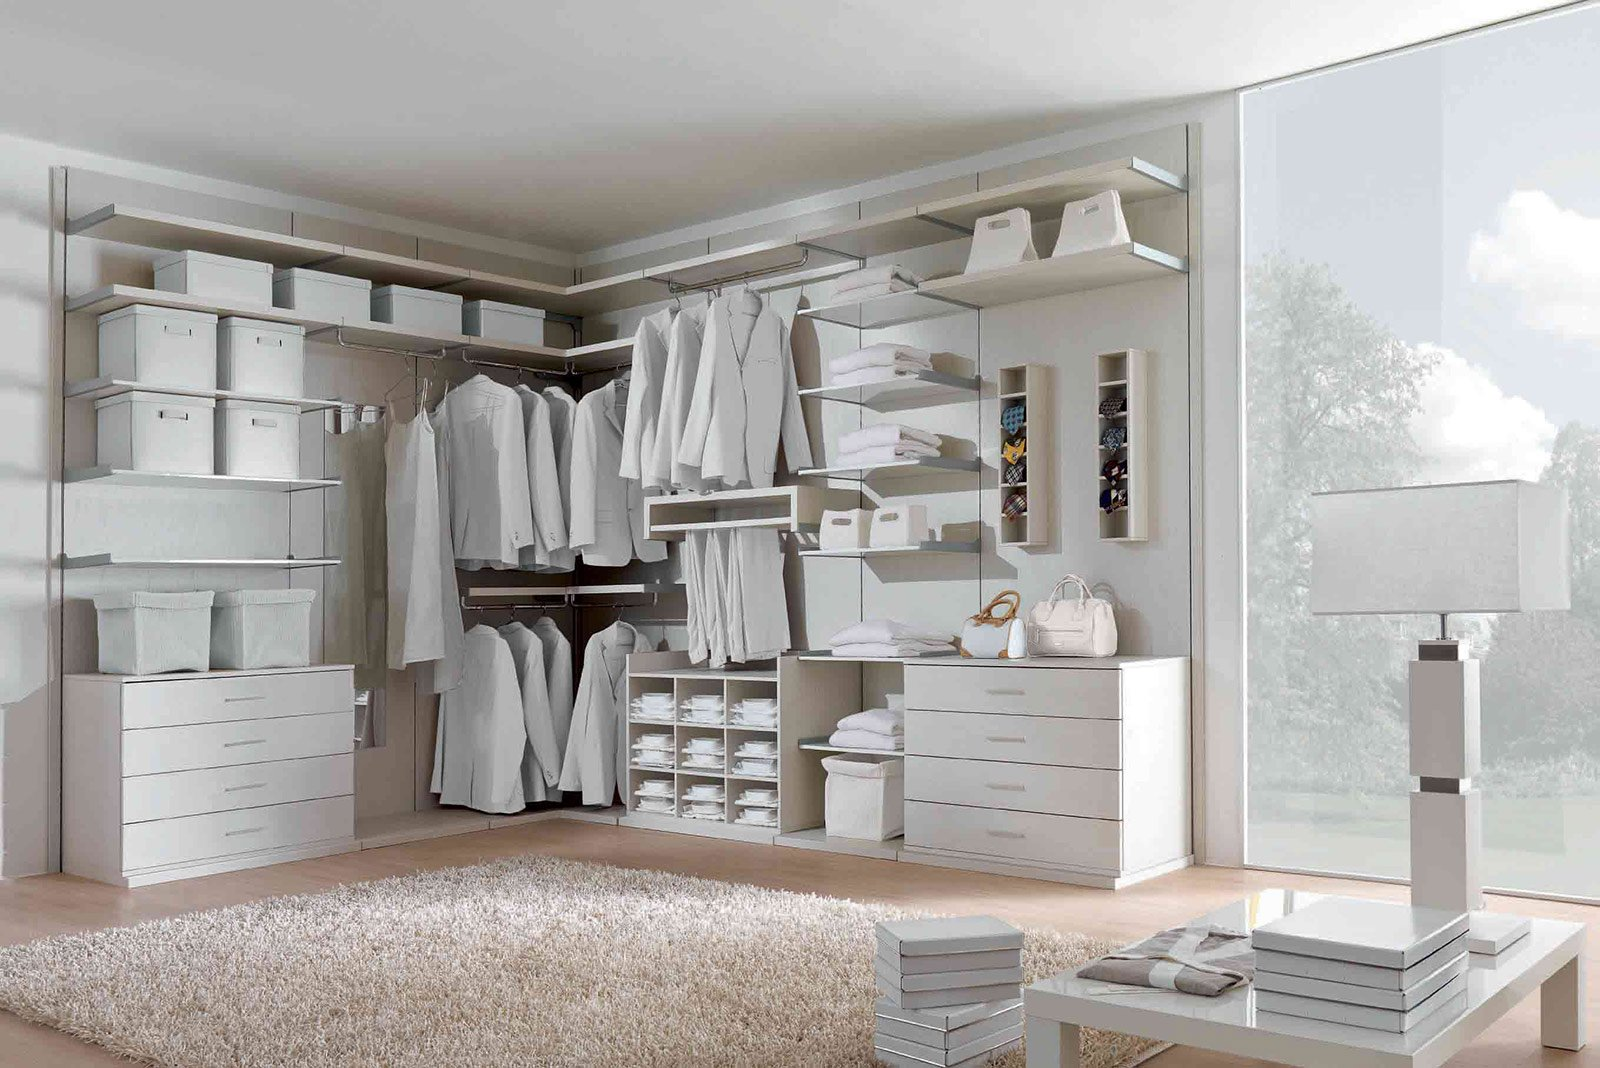 Cabine armadio progettiamo insieme lo spazio cose di casa for Armadio con ripiani